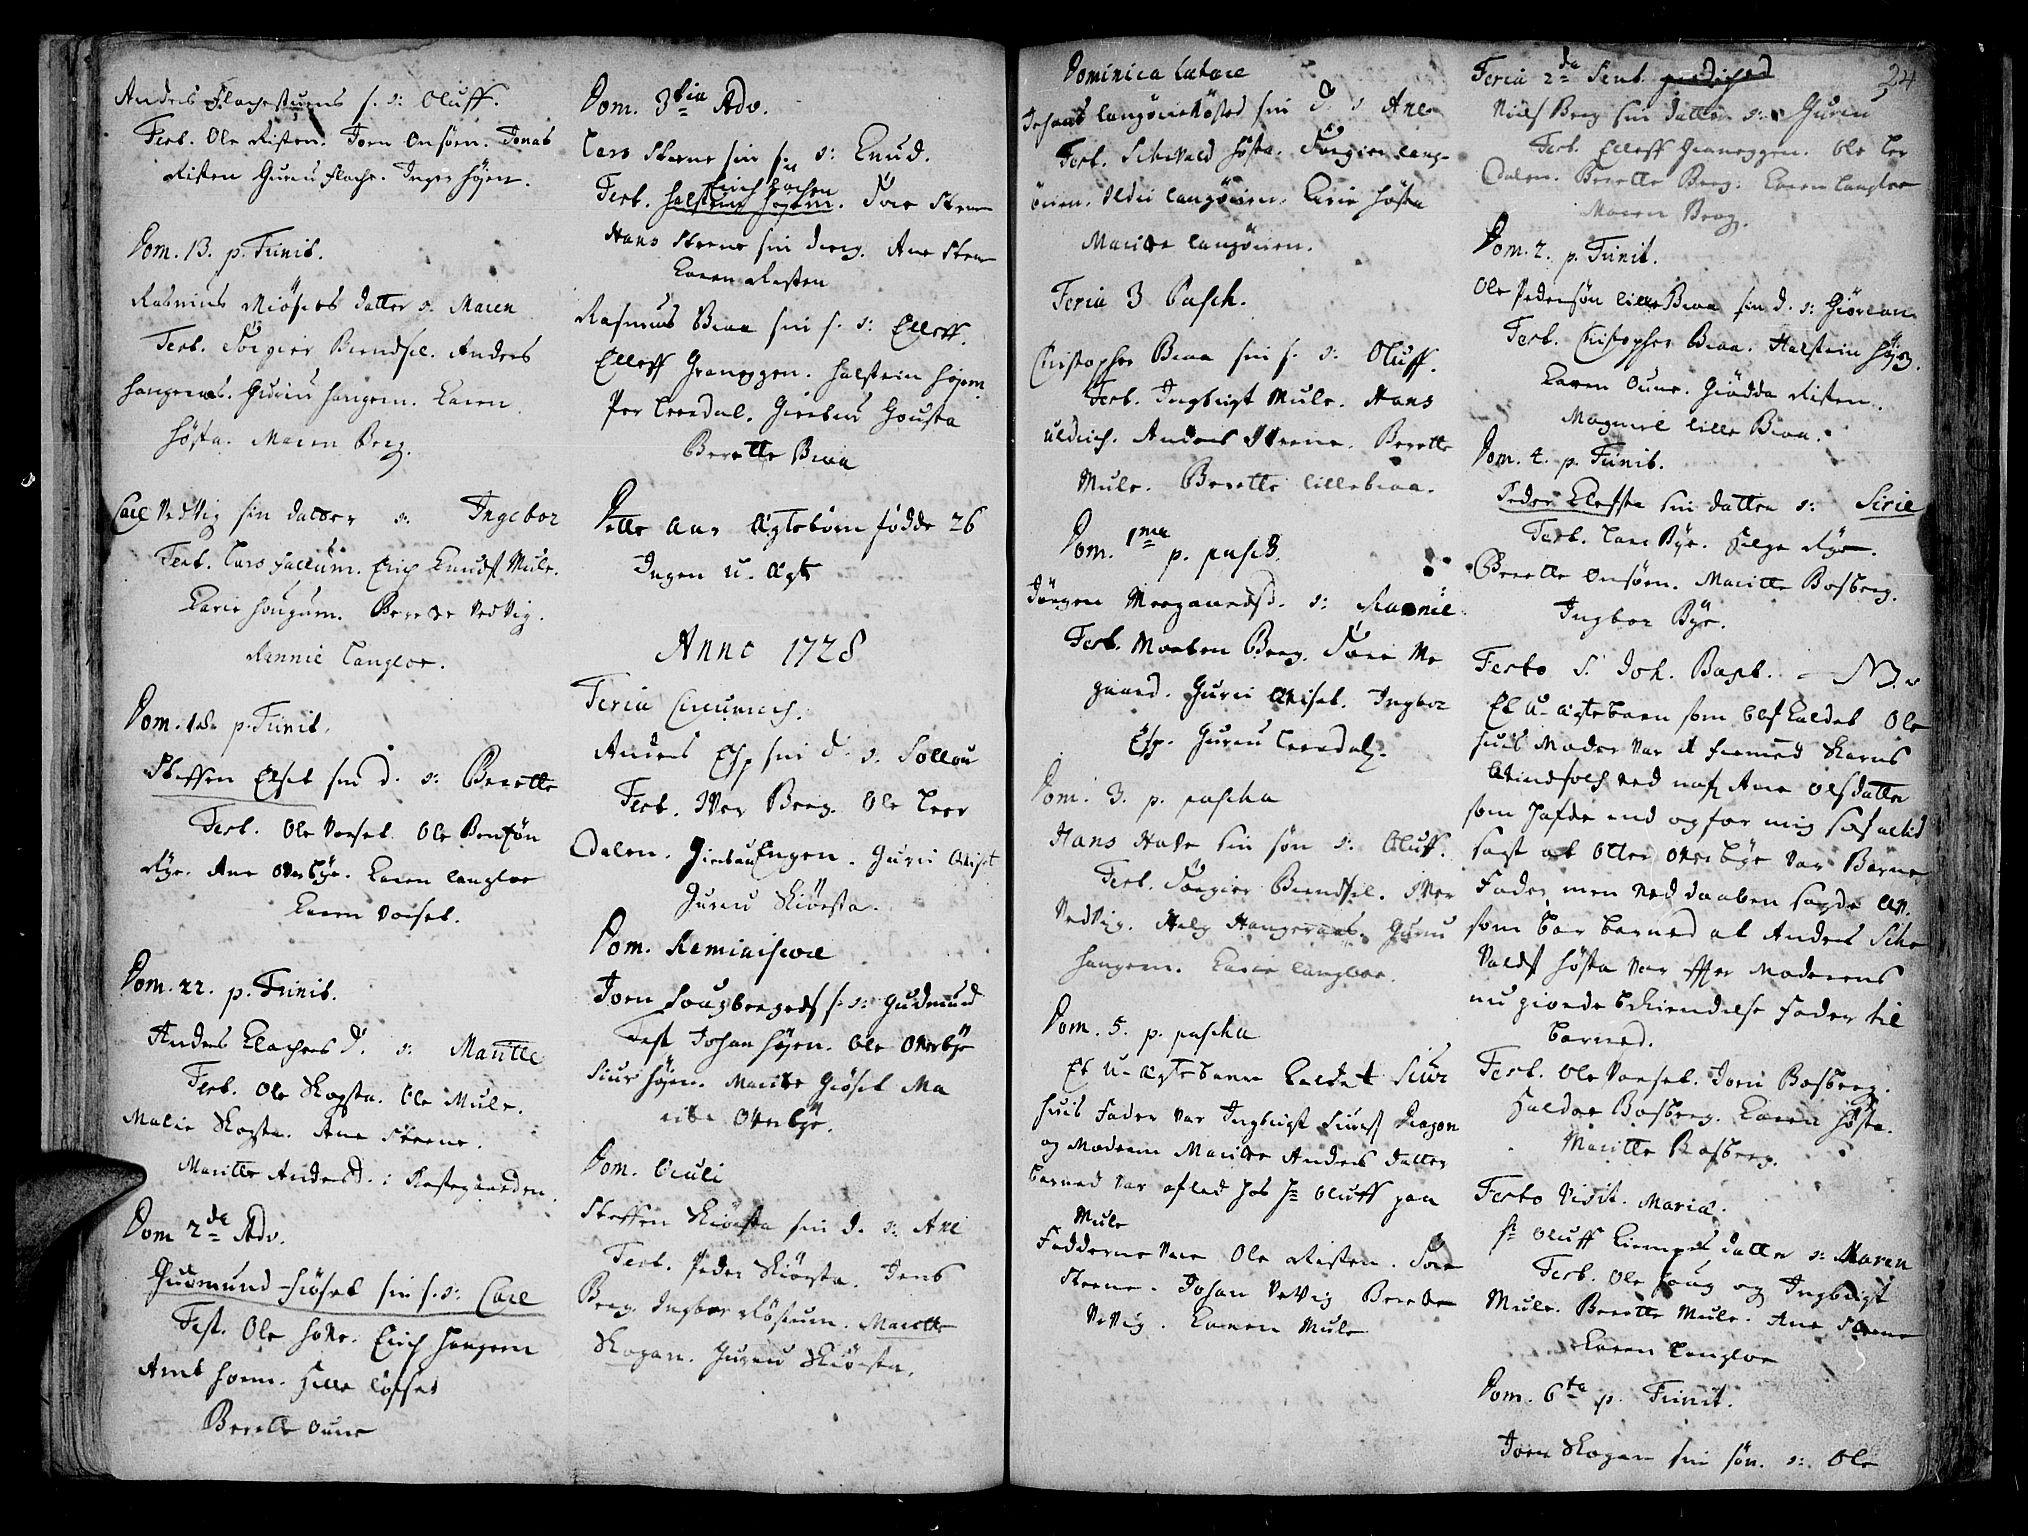 SAT, Ministerialprotokoller, klokkerbøker og fødselsregistre - Sør-Trøndelag, 612/L0368: Ministerialbok nr. 612A02, 1702-1753, s. 24